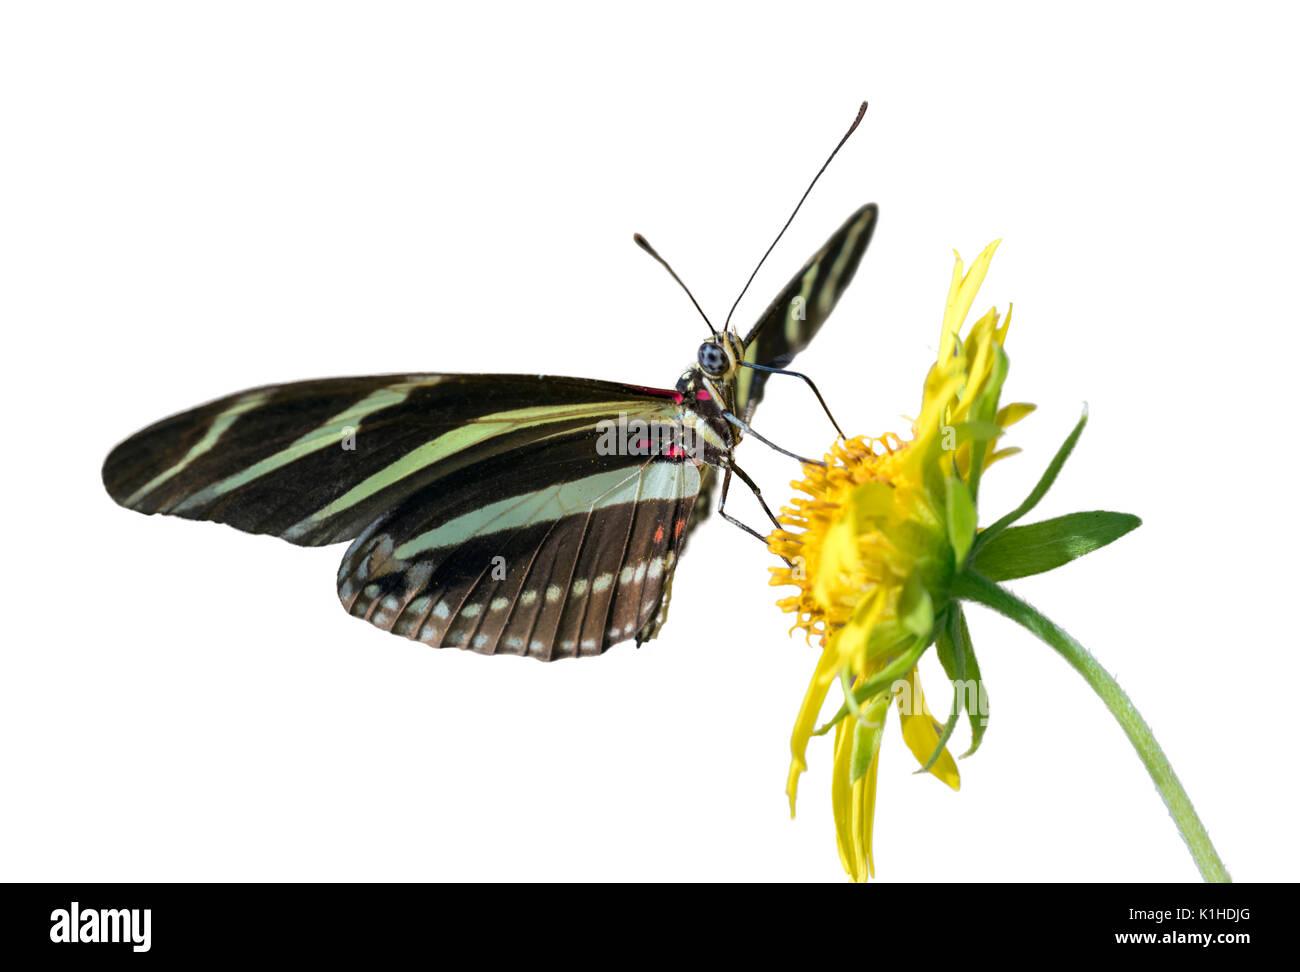 Zebra Longwing Butterfly (Heliconius charitonius) alimentazione su un fiore, isolato su sfondo bianco Immagini Stock